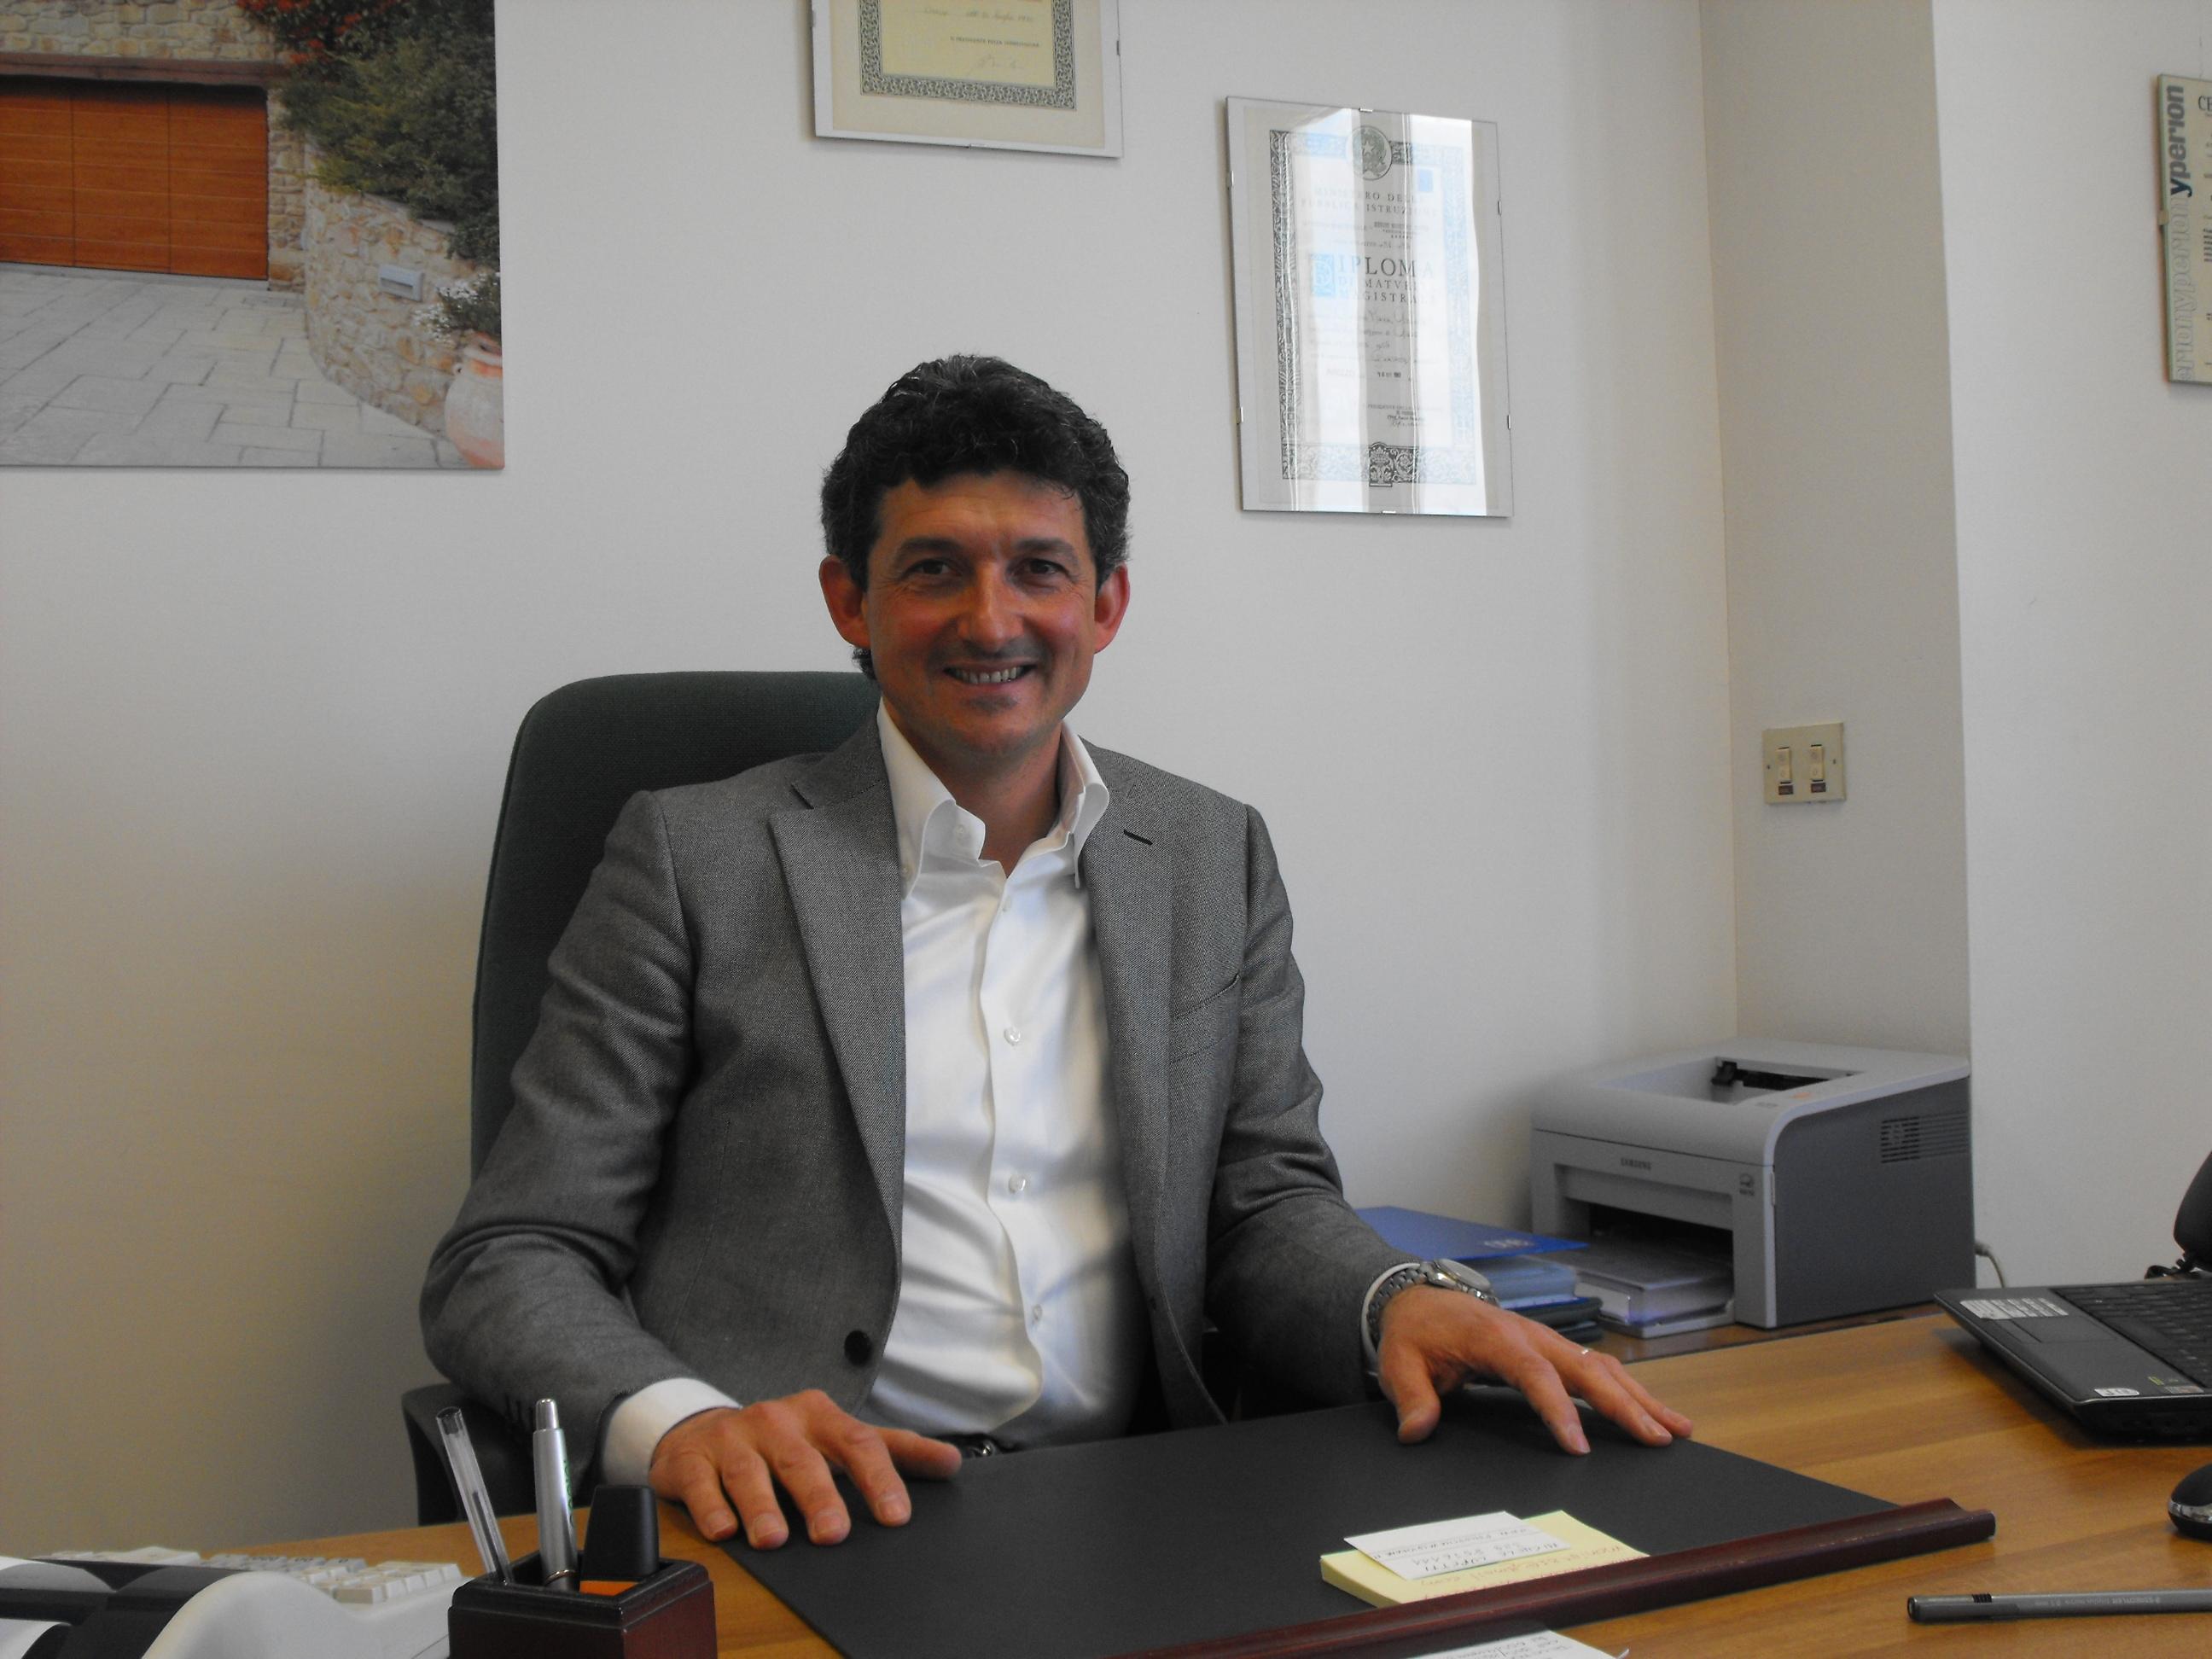 Monte San Savino, Carini: ''Ancora troppi personalismi nella politica, servono figure nuove''